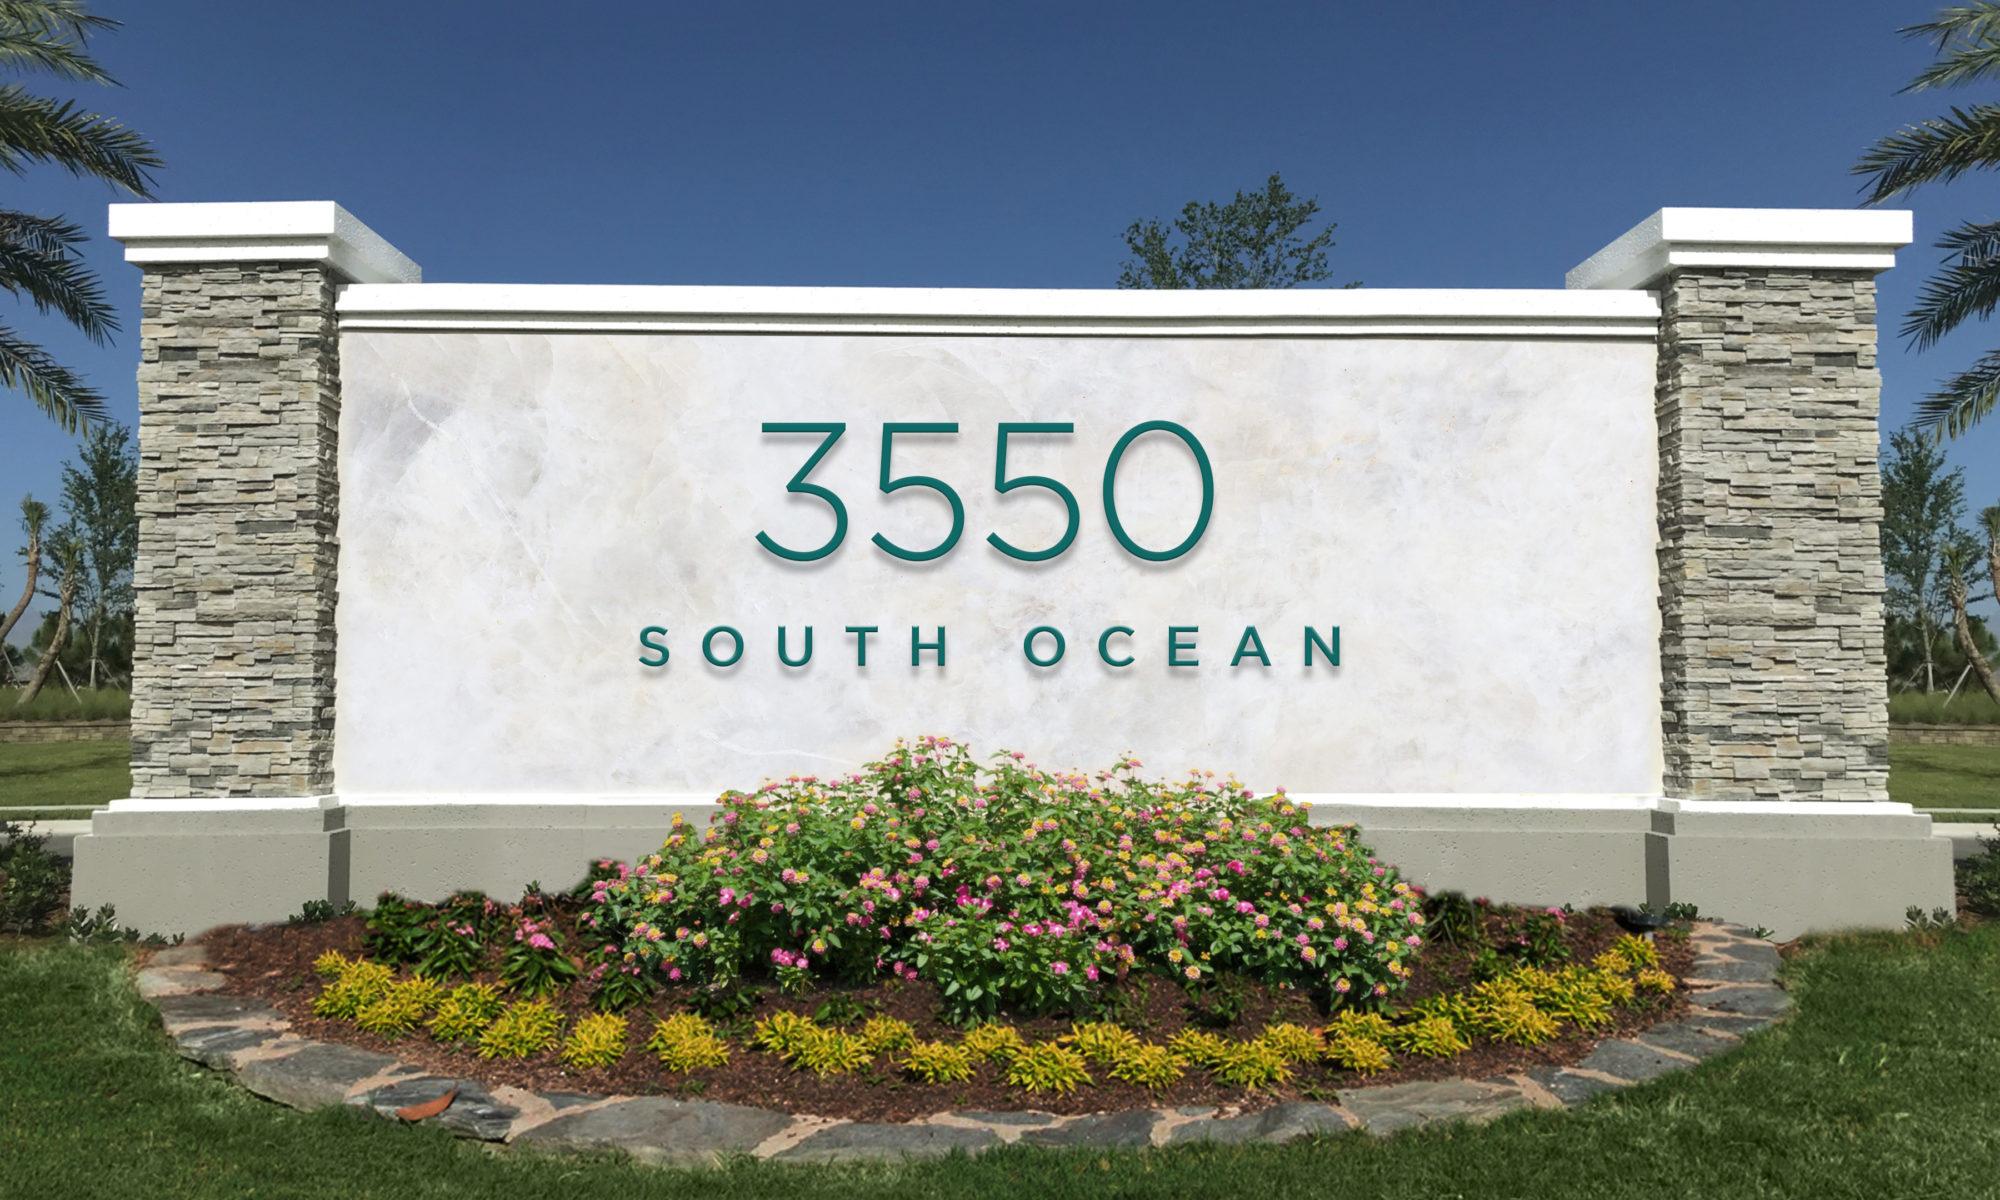 3550-South-Ocean South Palm Beach Condos